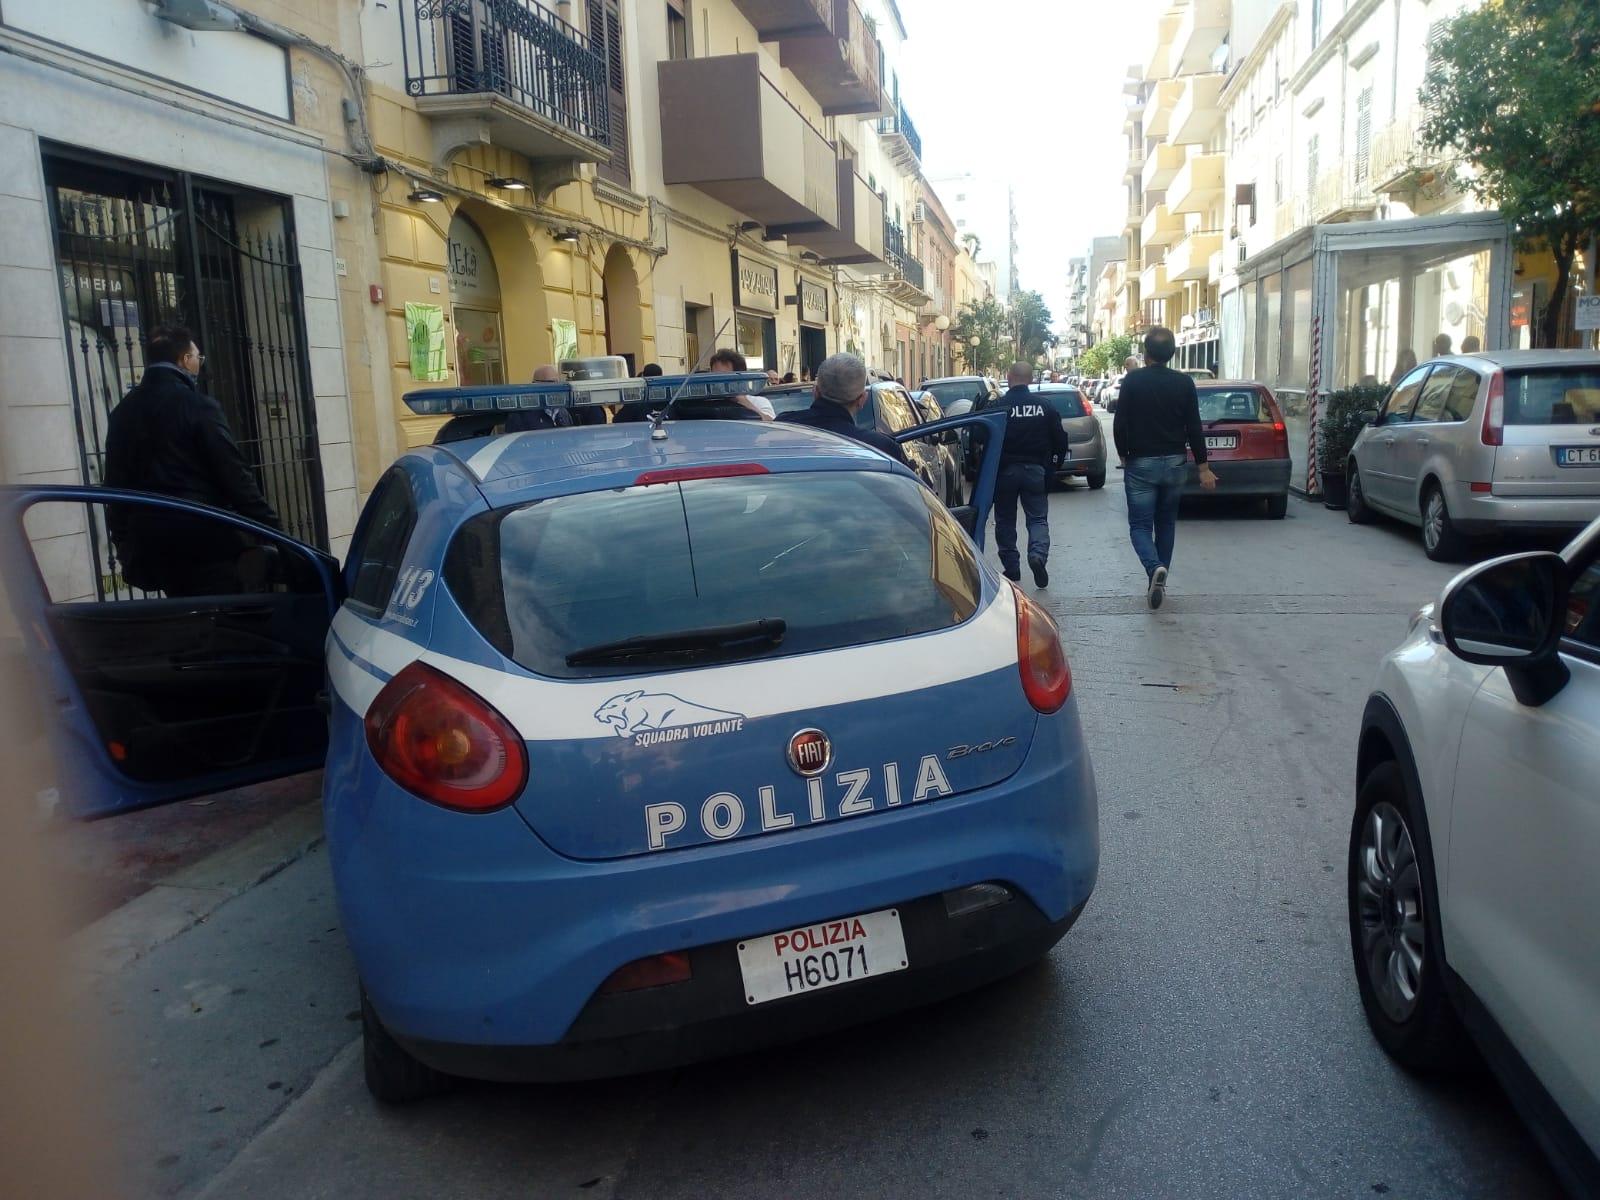 Durante un inseguimento in via Roma una volante della Polizia tampona una macchina